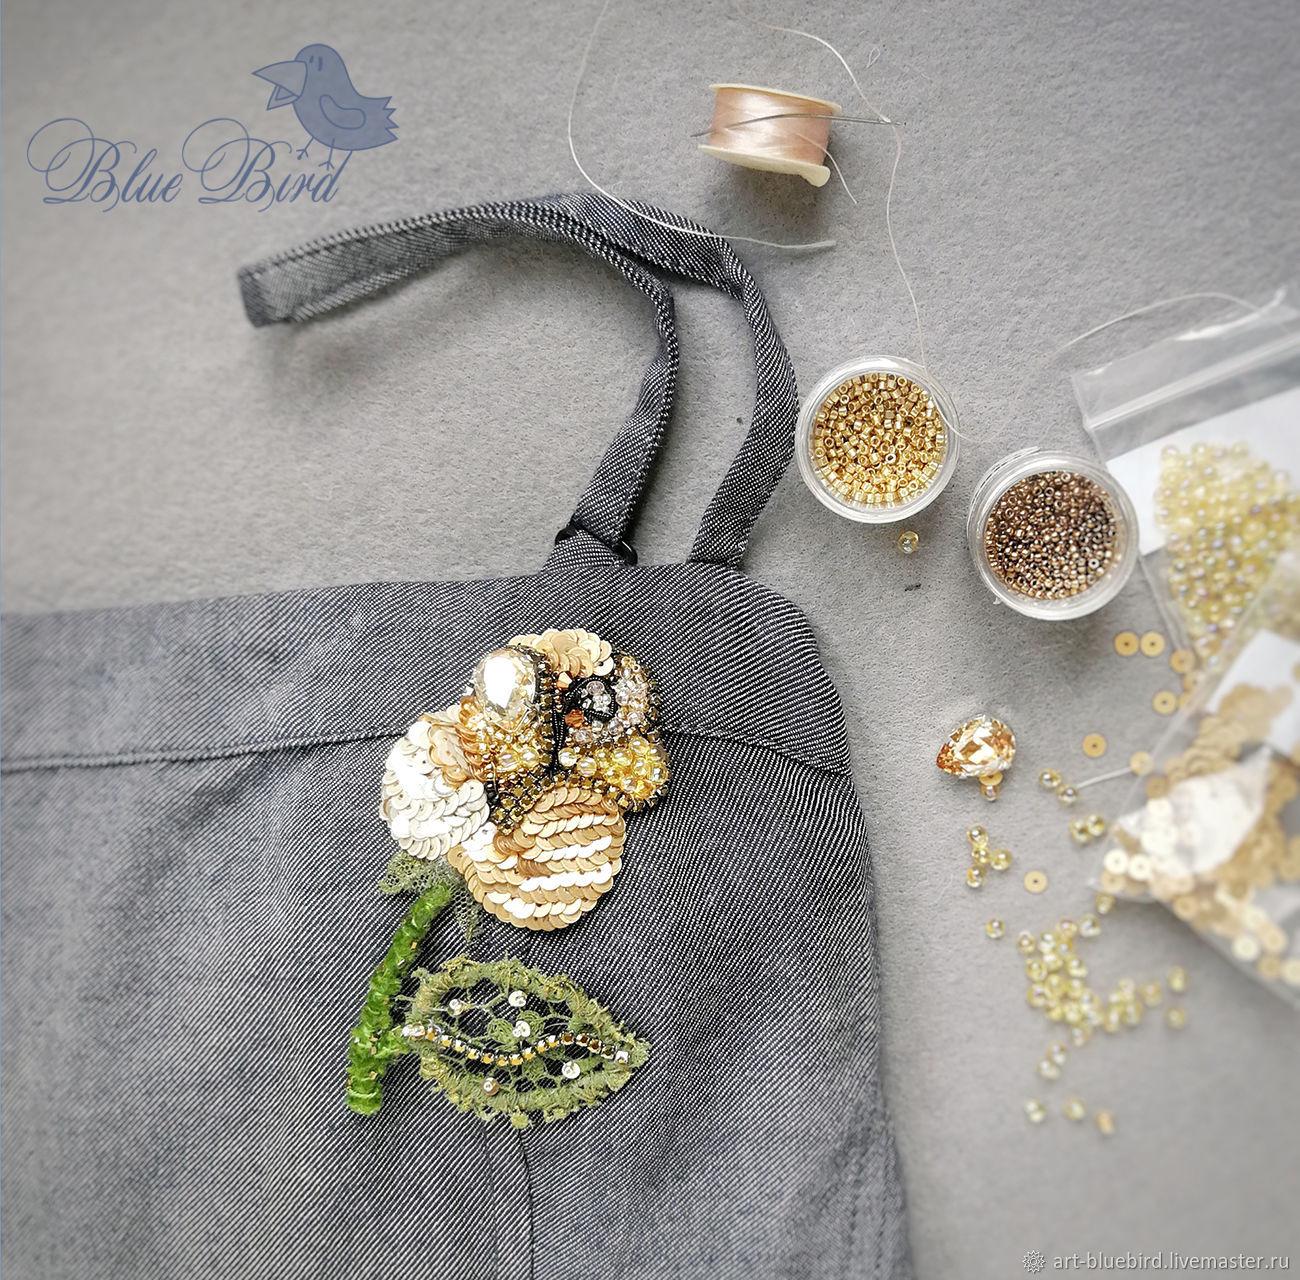 """Броши ручной работы. Ярмарка Мастеров - ручная работа. Купить """"Золотая Роза""""- брошь авторская, ручная работы, вышивка. Handmade."""